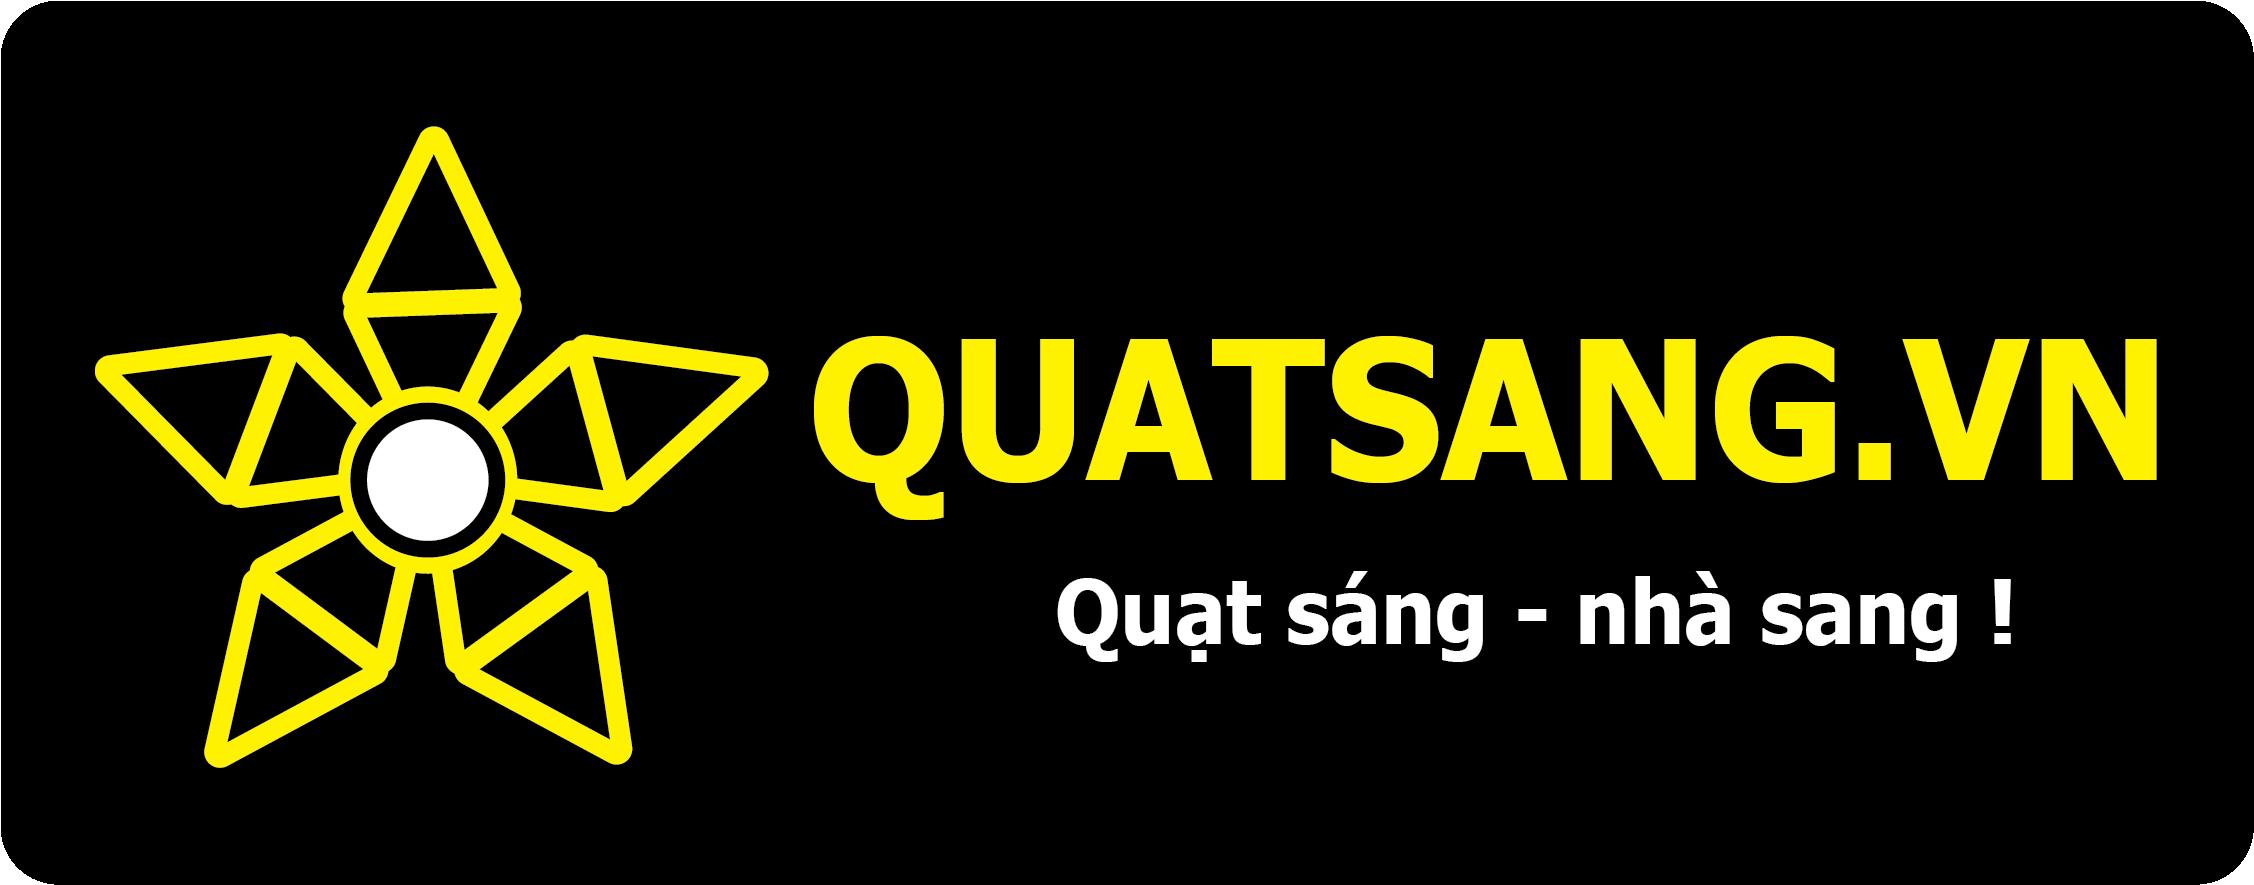 Quatsang.vn